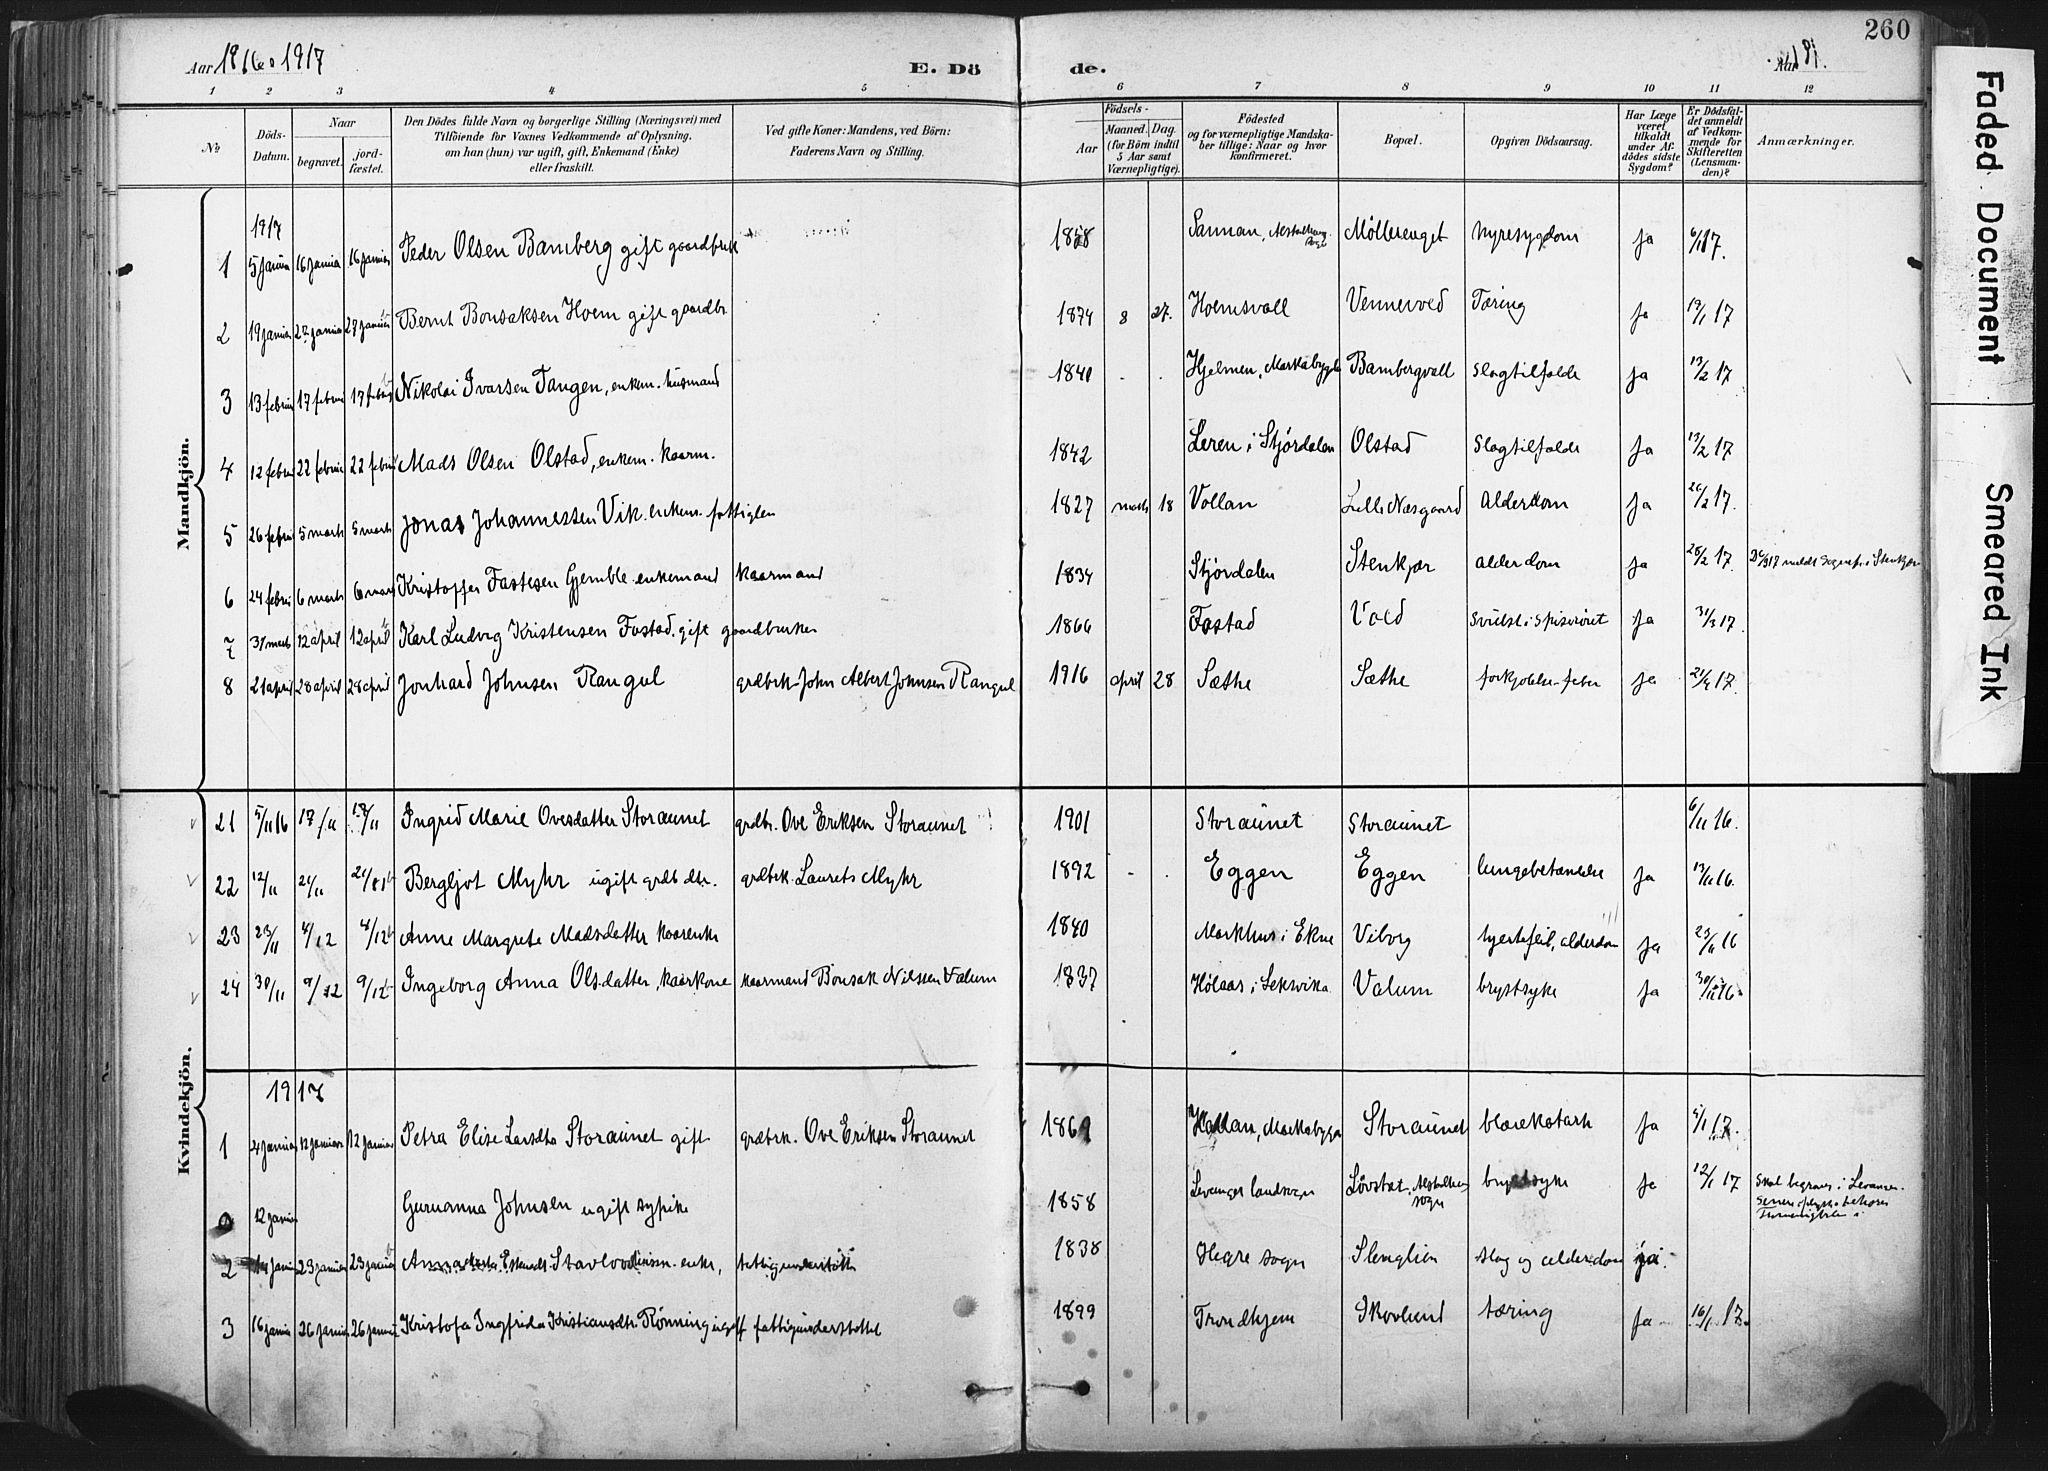 SAT, Ministerialprotokoller, klokkerbøker og fødselsregistre - Nord-Trøndelag, 717/L0162: Ministerialbok nr. 717A12, 1898-1923, s. 260